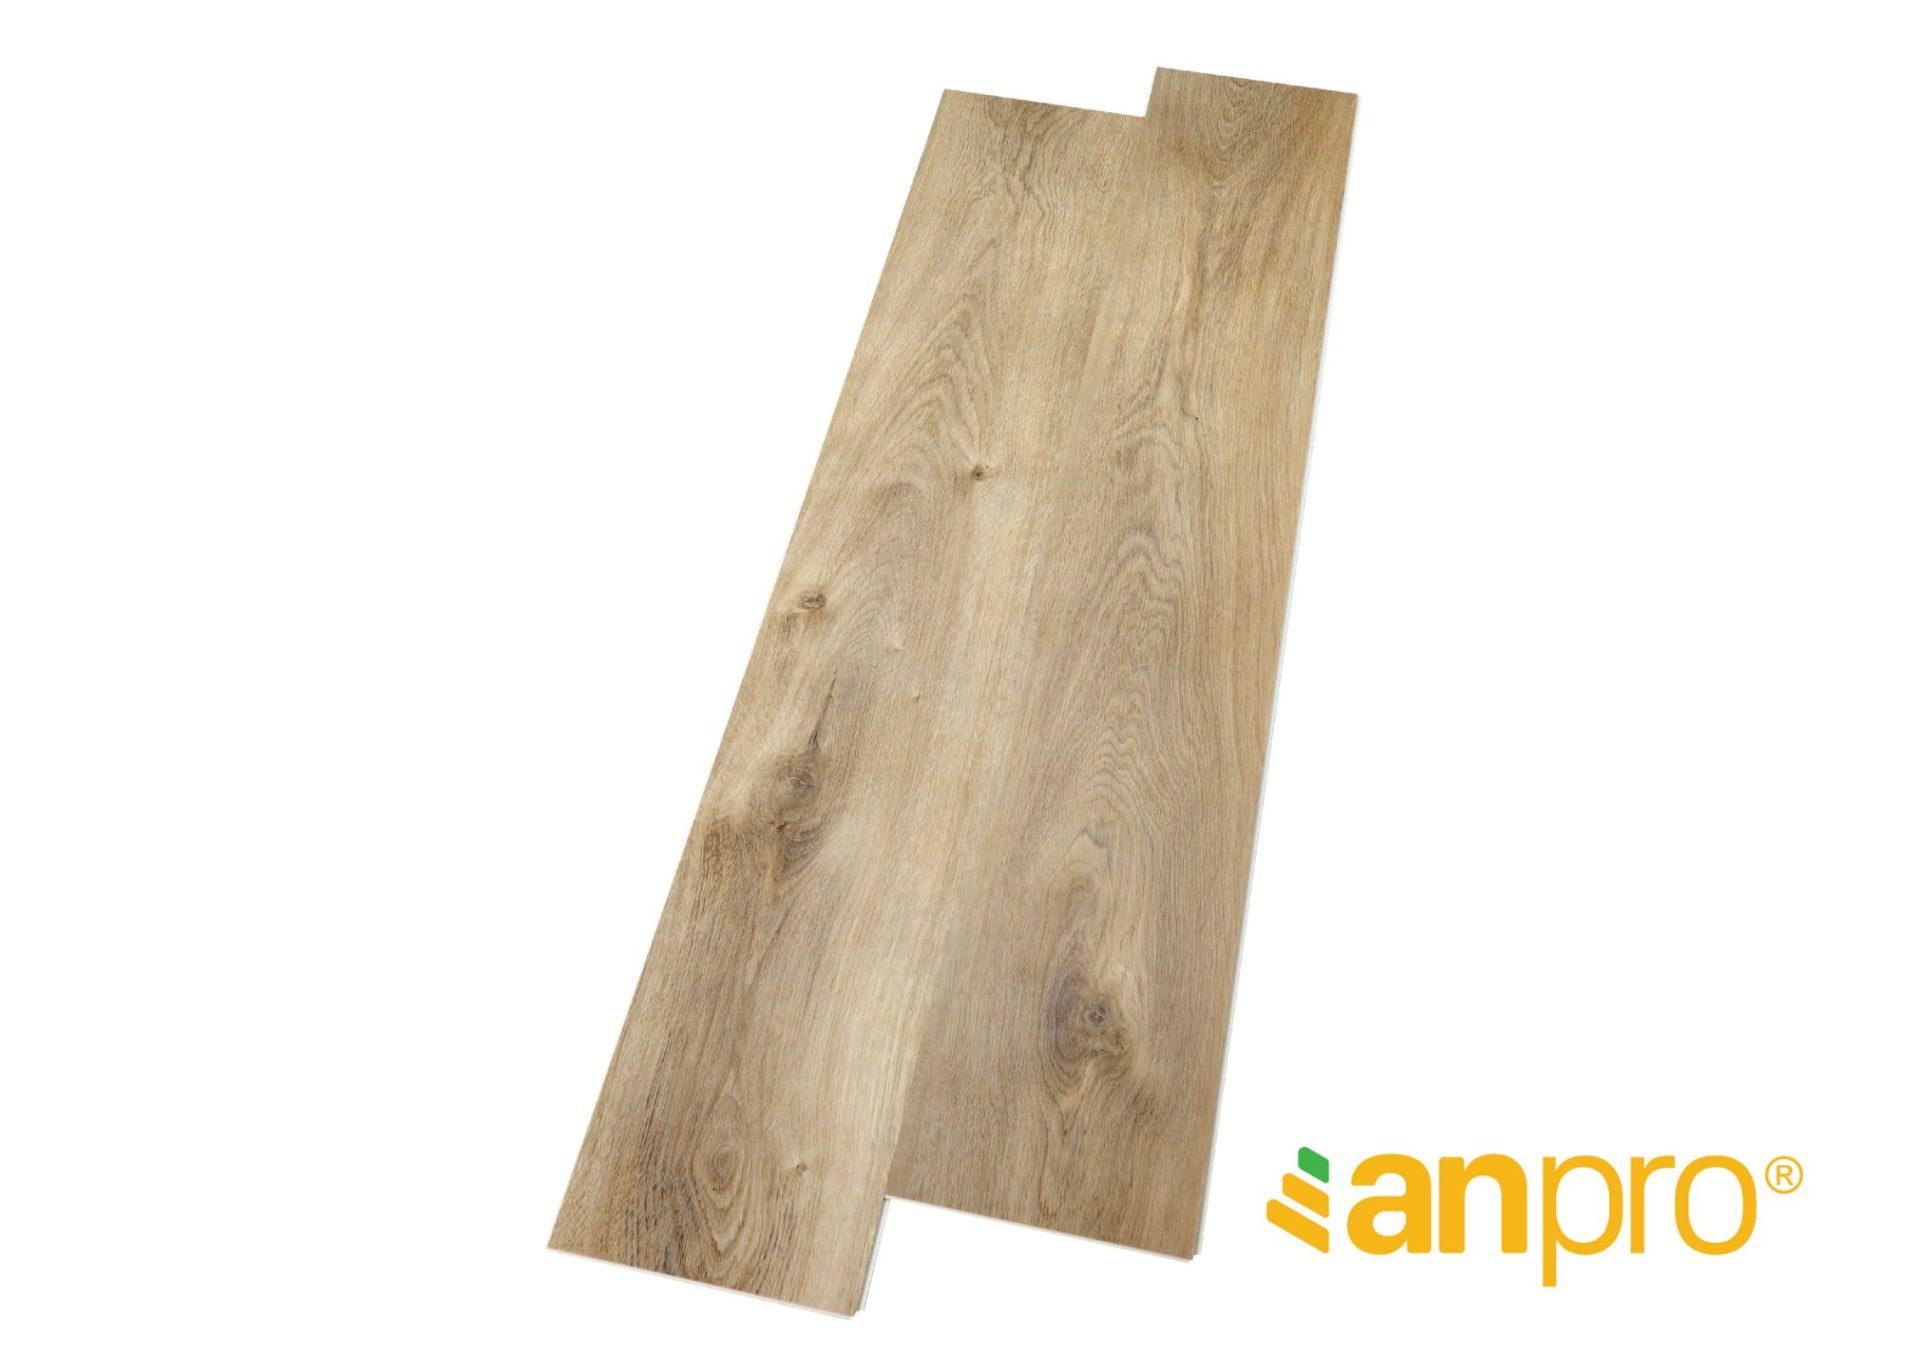 SA142 01 01 01 - Sàn AnPro vân gỗ SA151